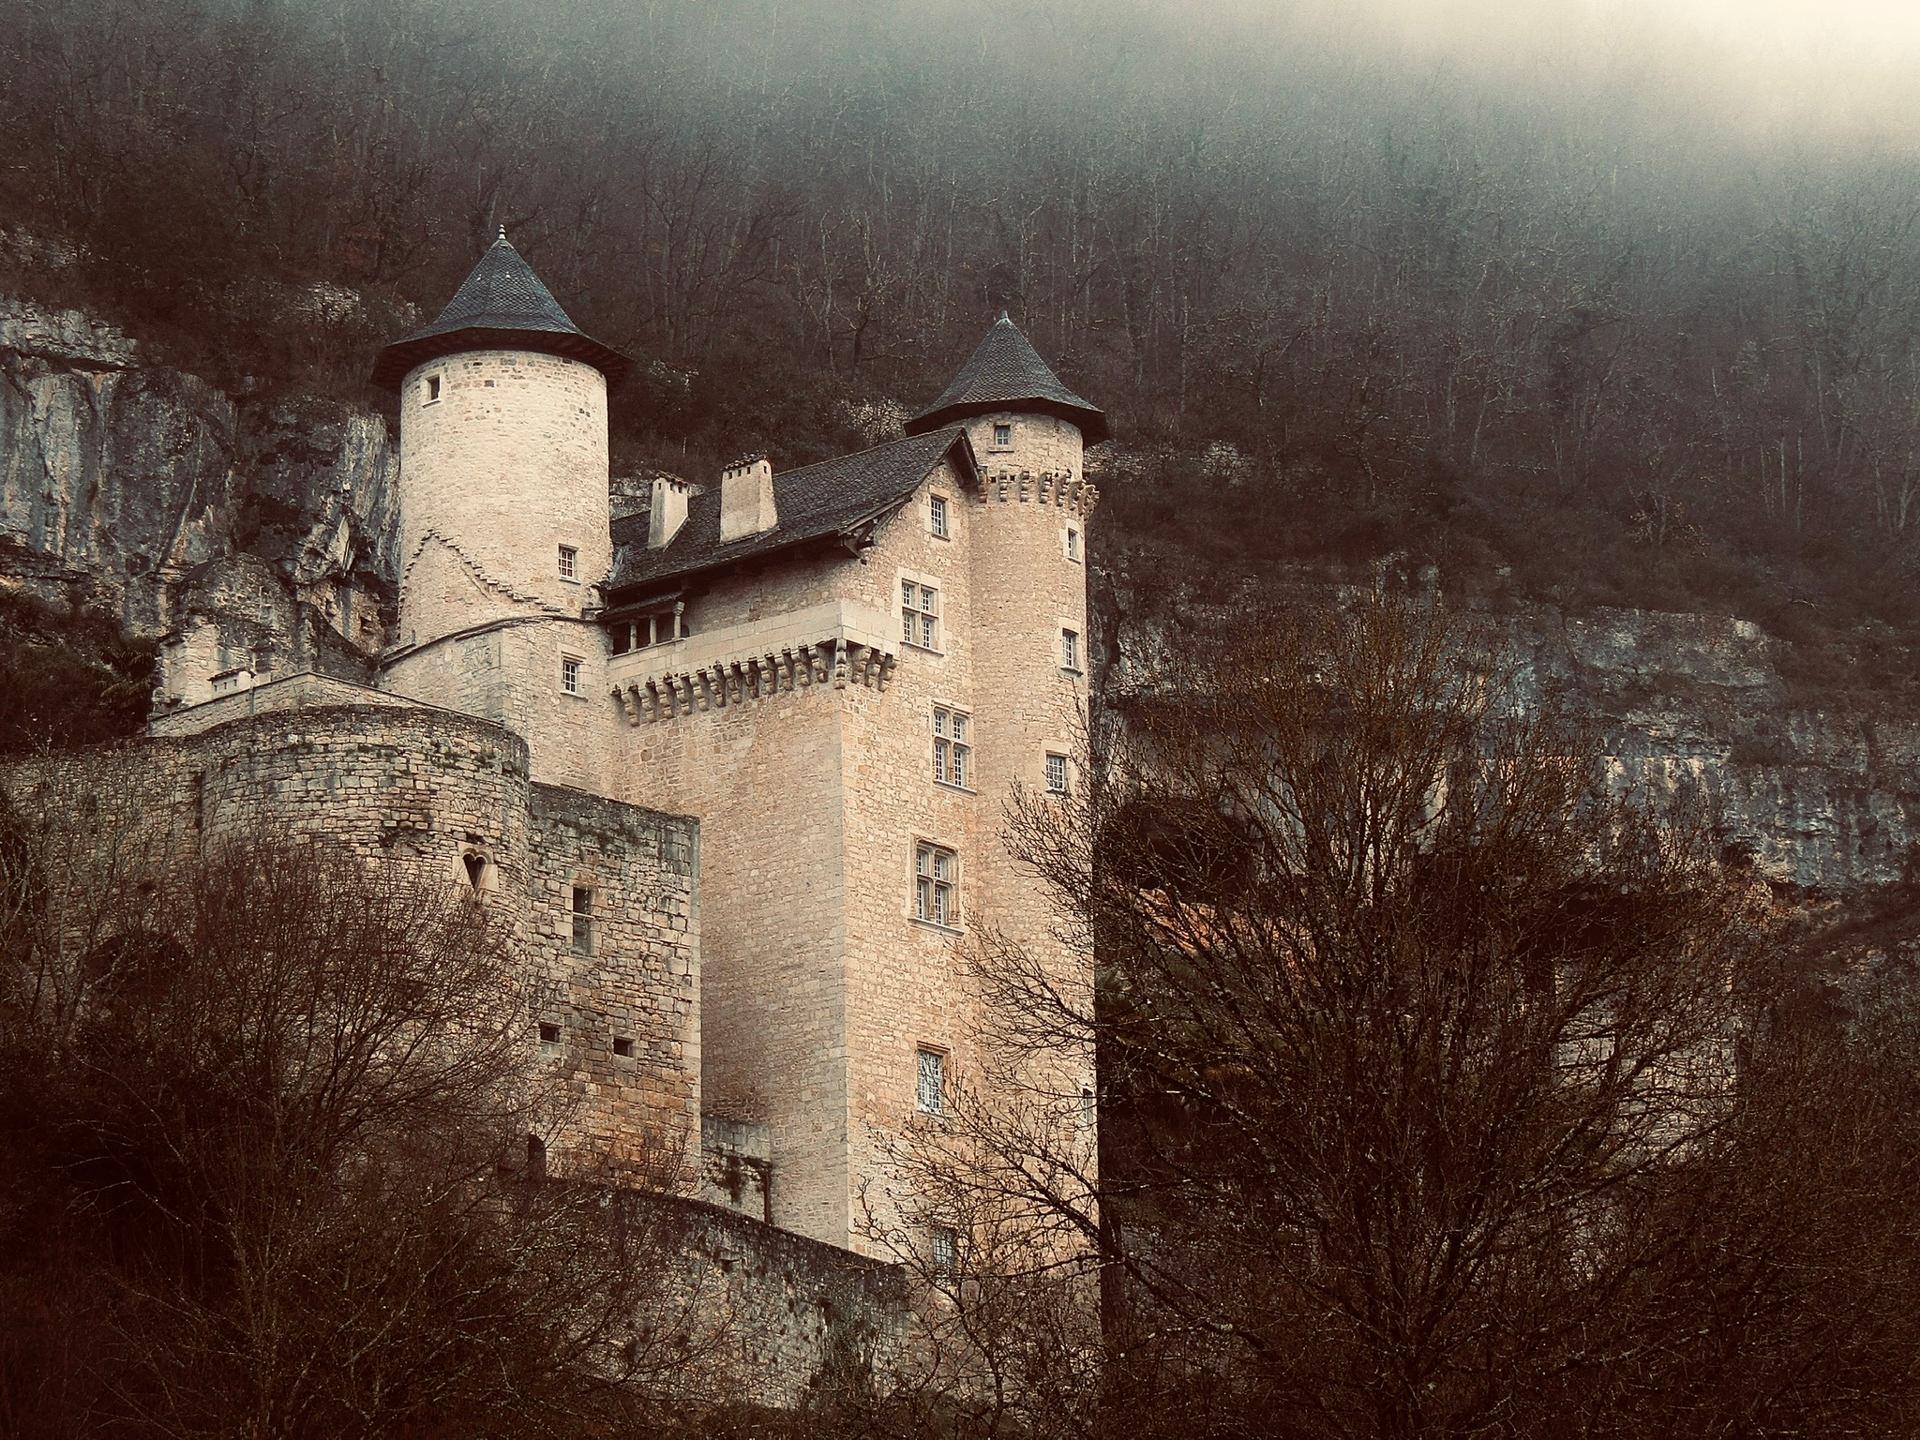 Château de Larroque-Toirac 3.